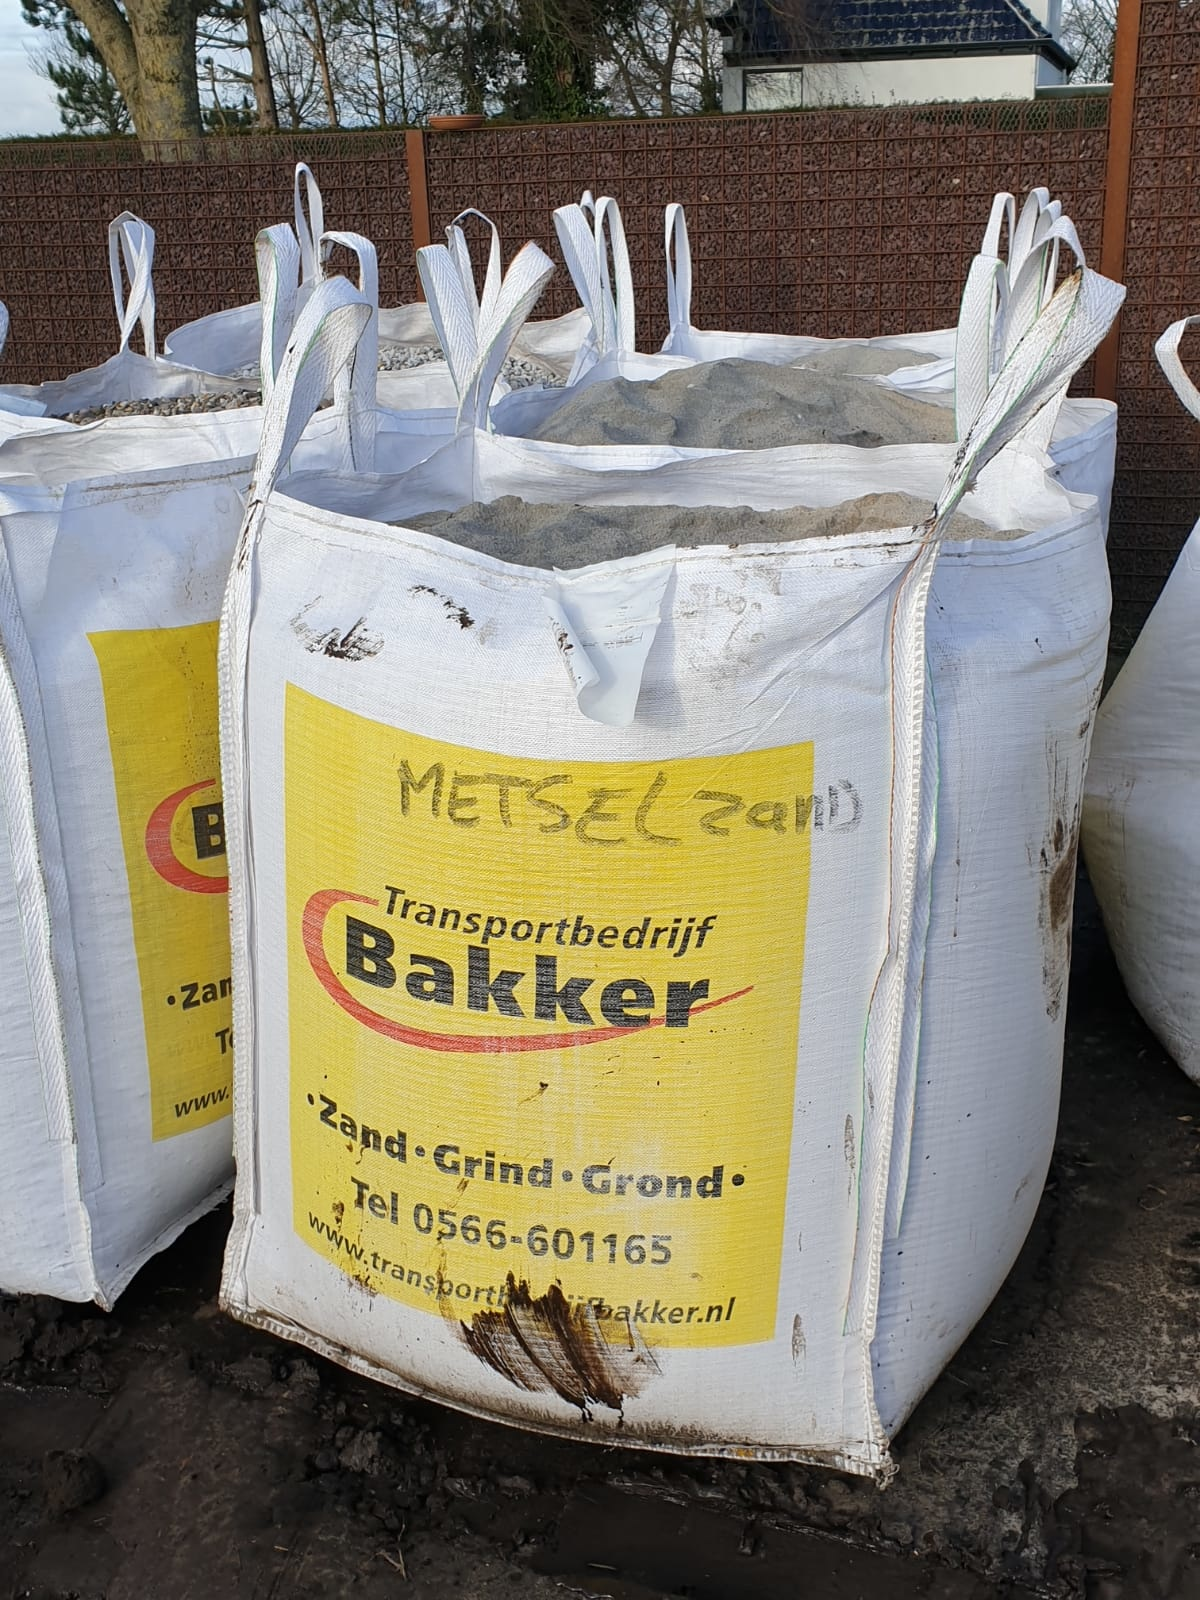 Transportbedrijf Bakker Metselzand Big Bag - 1500 kg